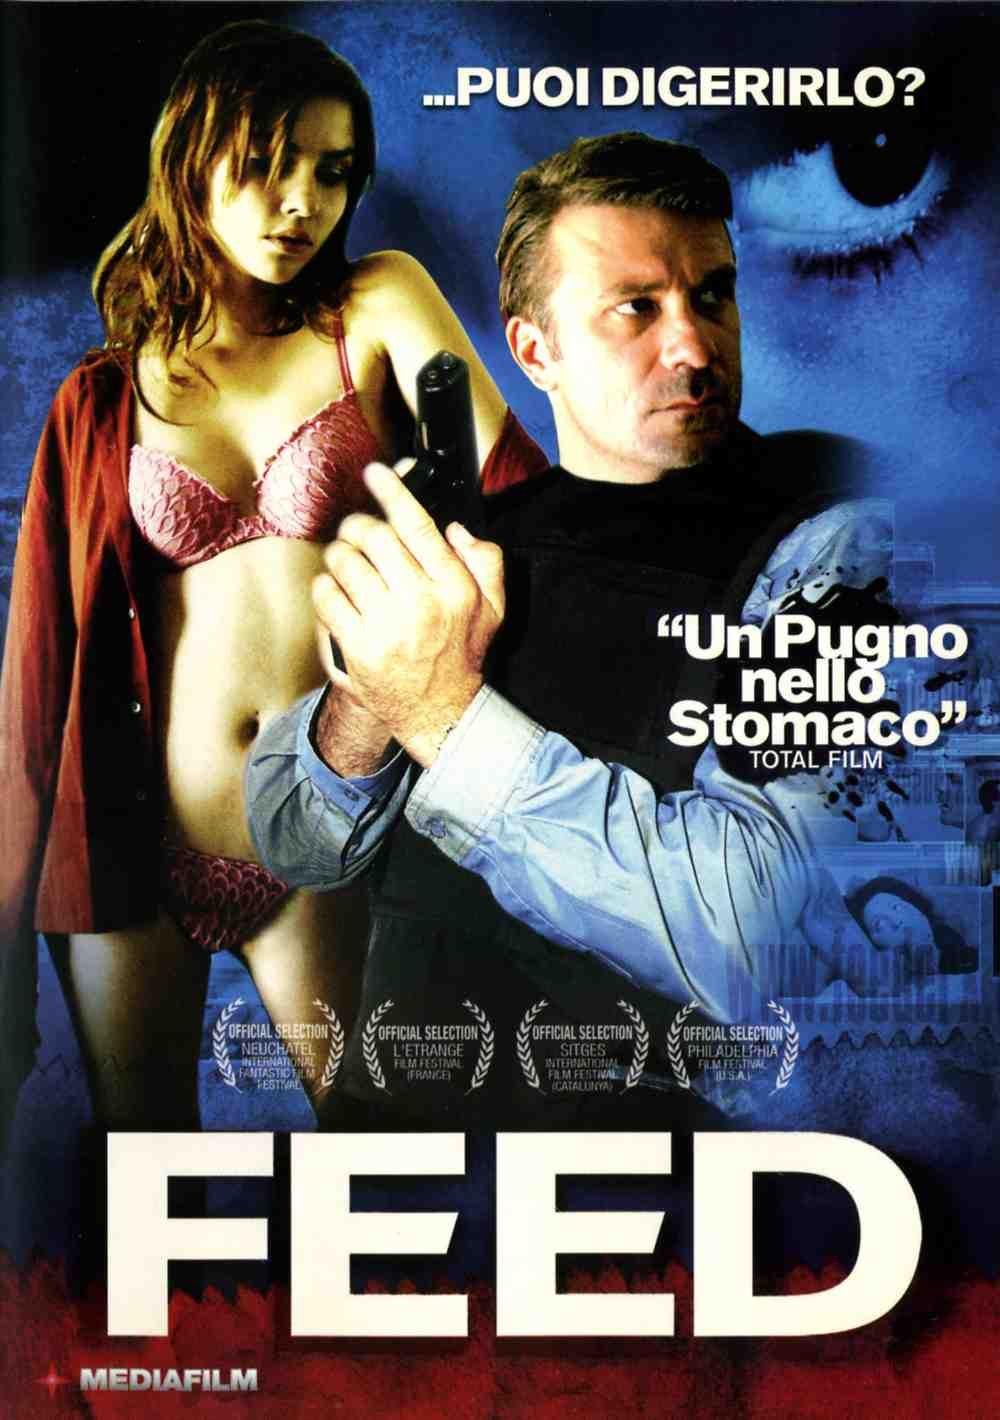 FEED - EX NOLEGGIO (DVD)